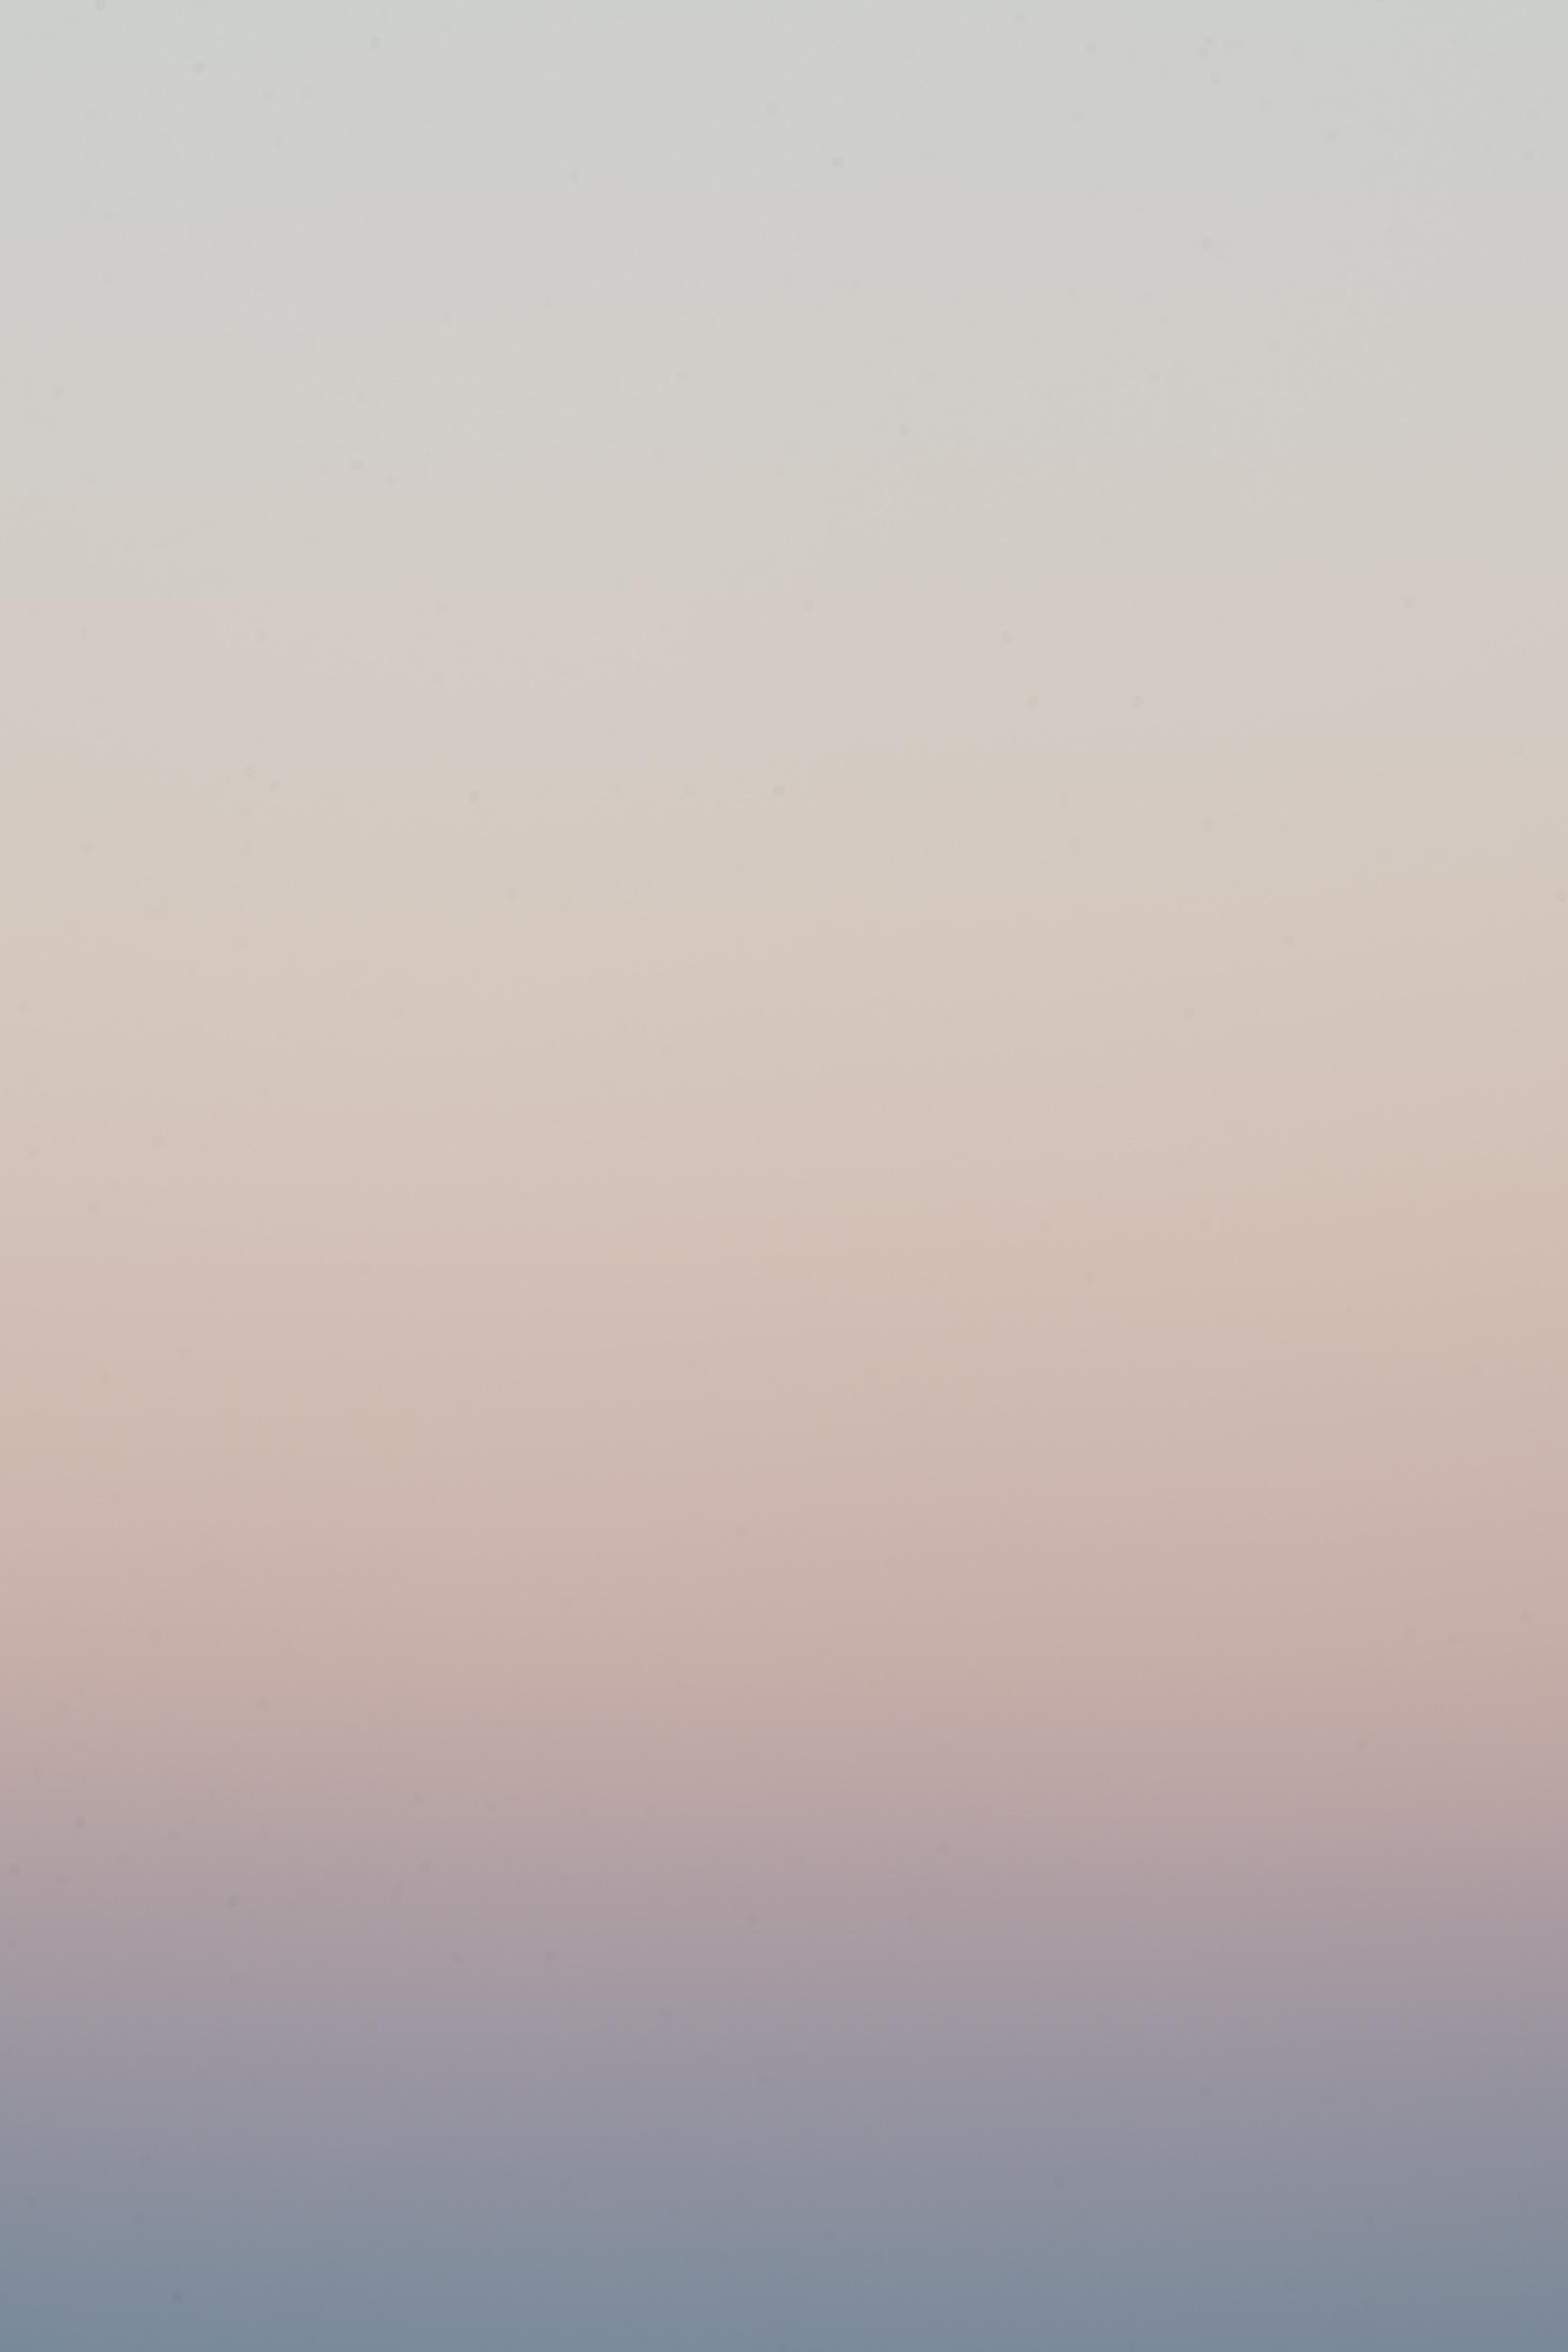 Skyscape 5730